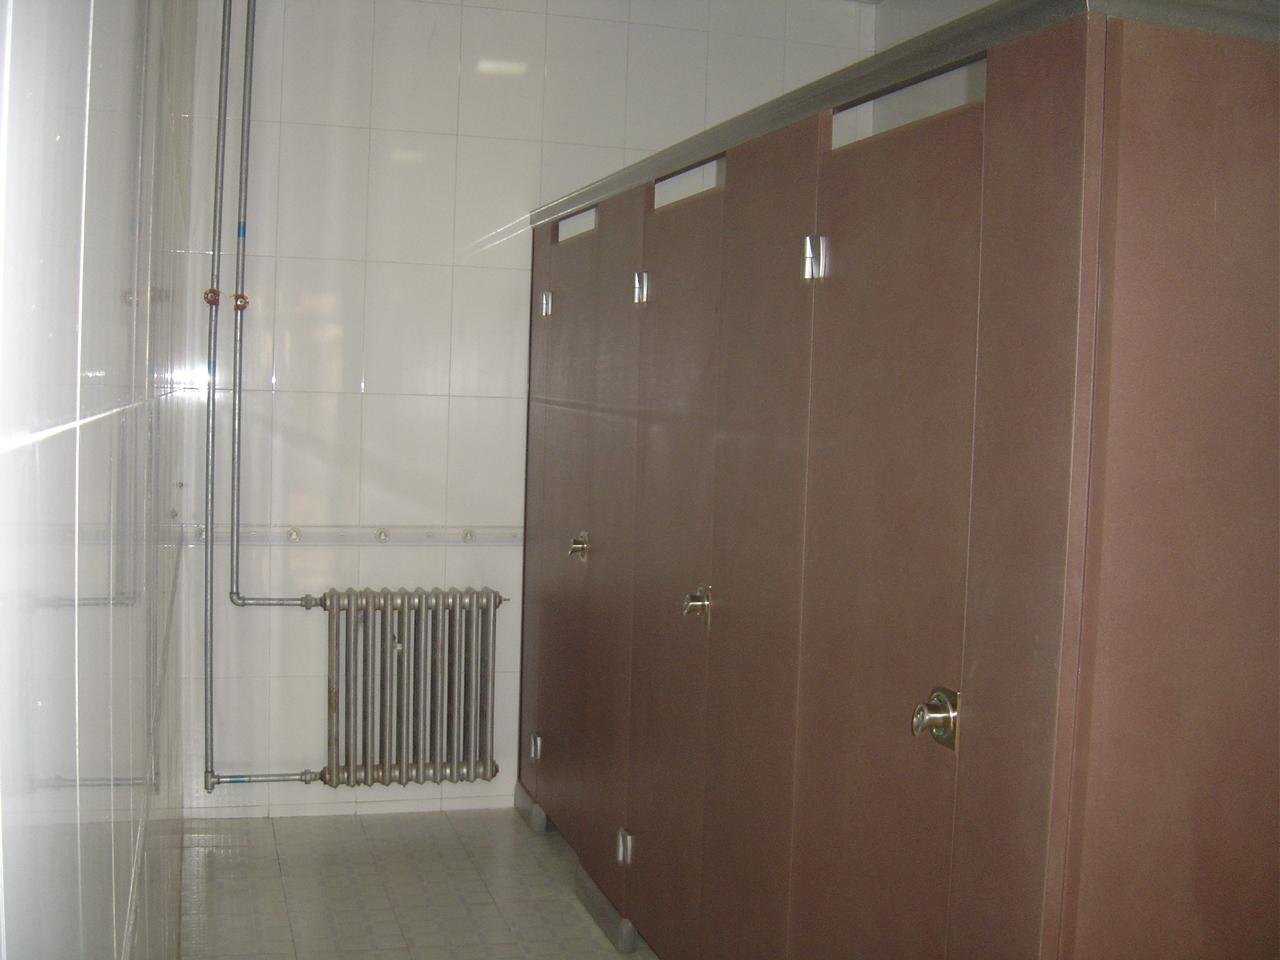 超市卫生间隔断复古卫生间隔断图片9